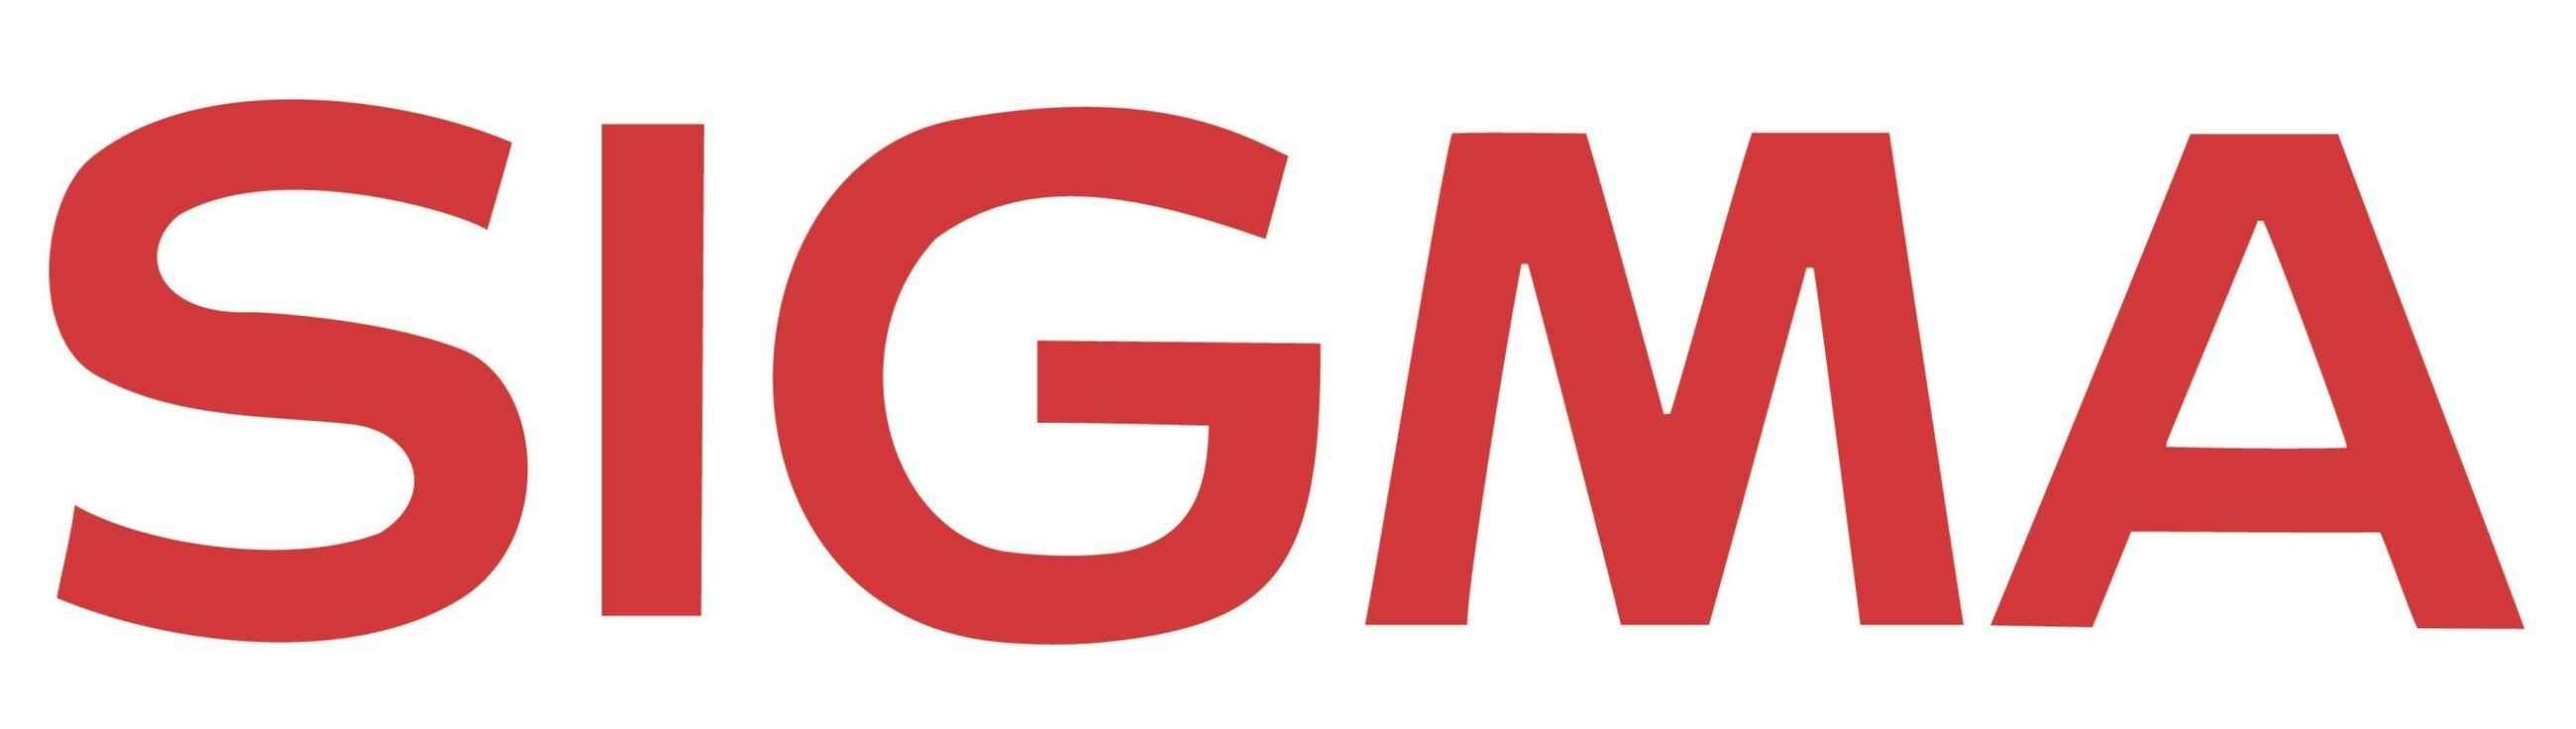 Camera Company Logo � is a japanese company,